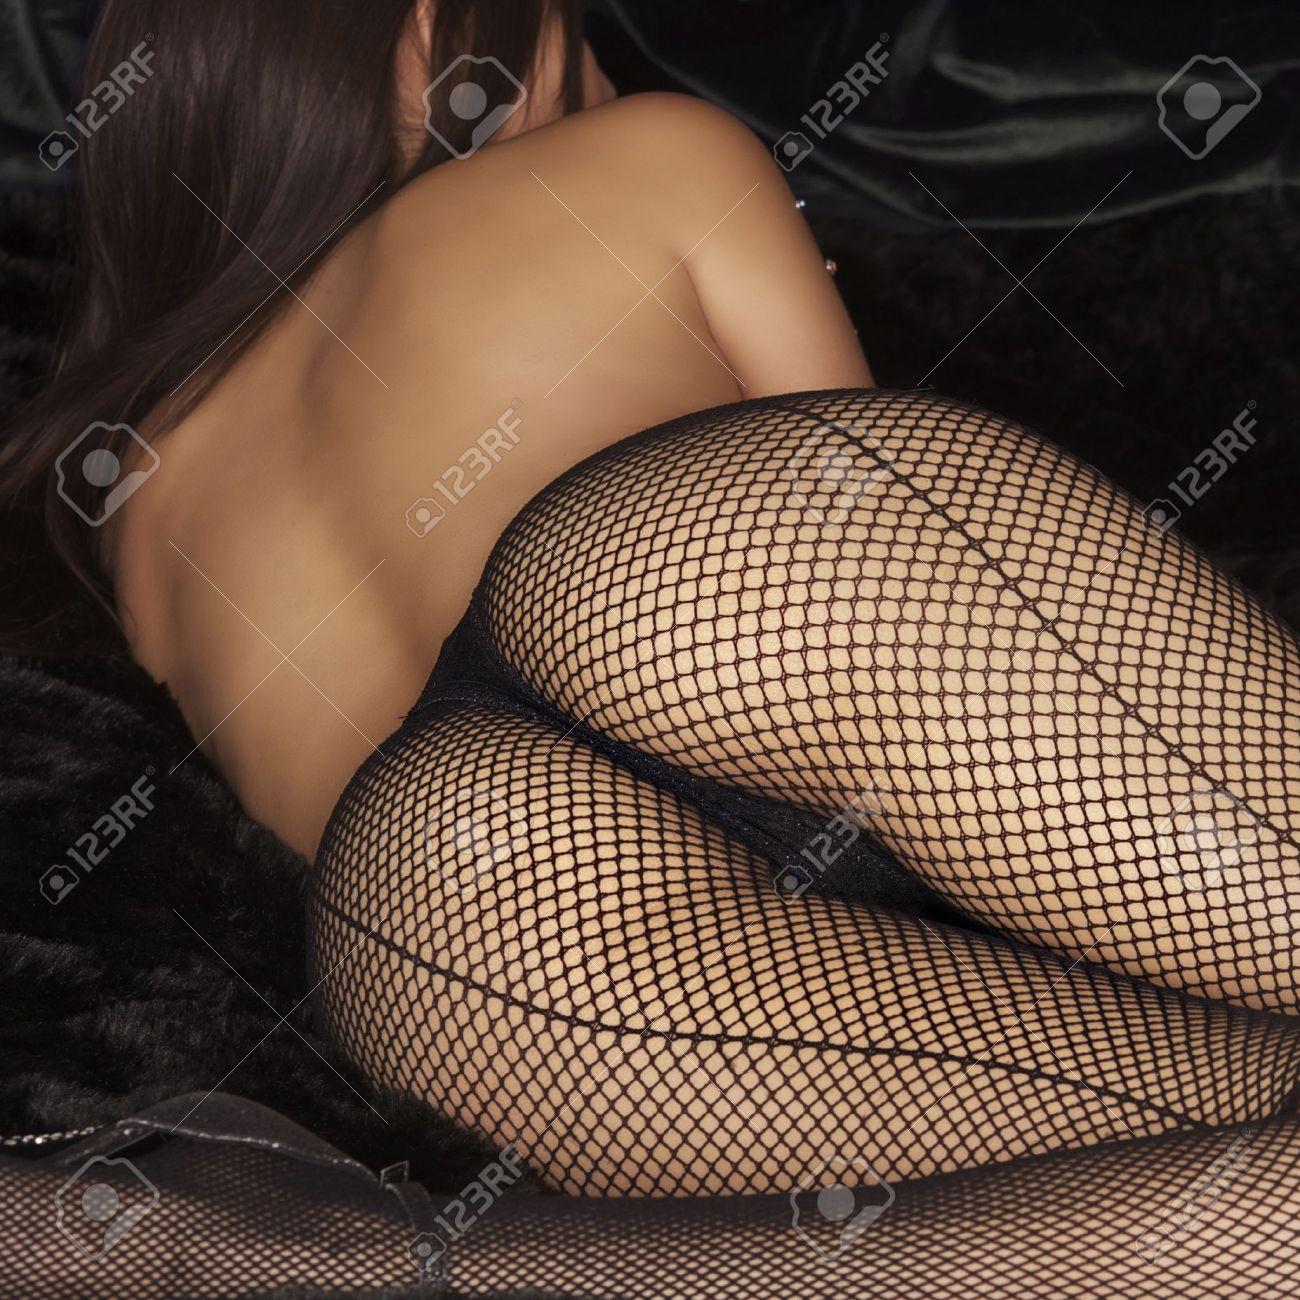 Beautiful woman wearing fishnet stockings Stock Photo - 10204496